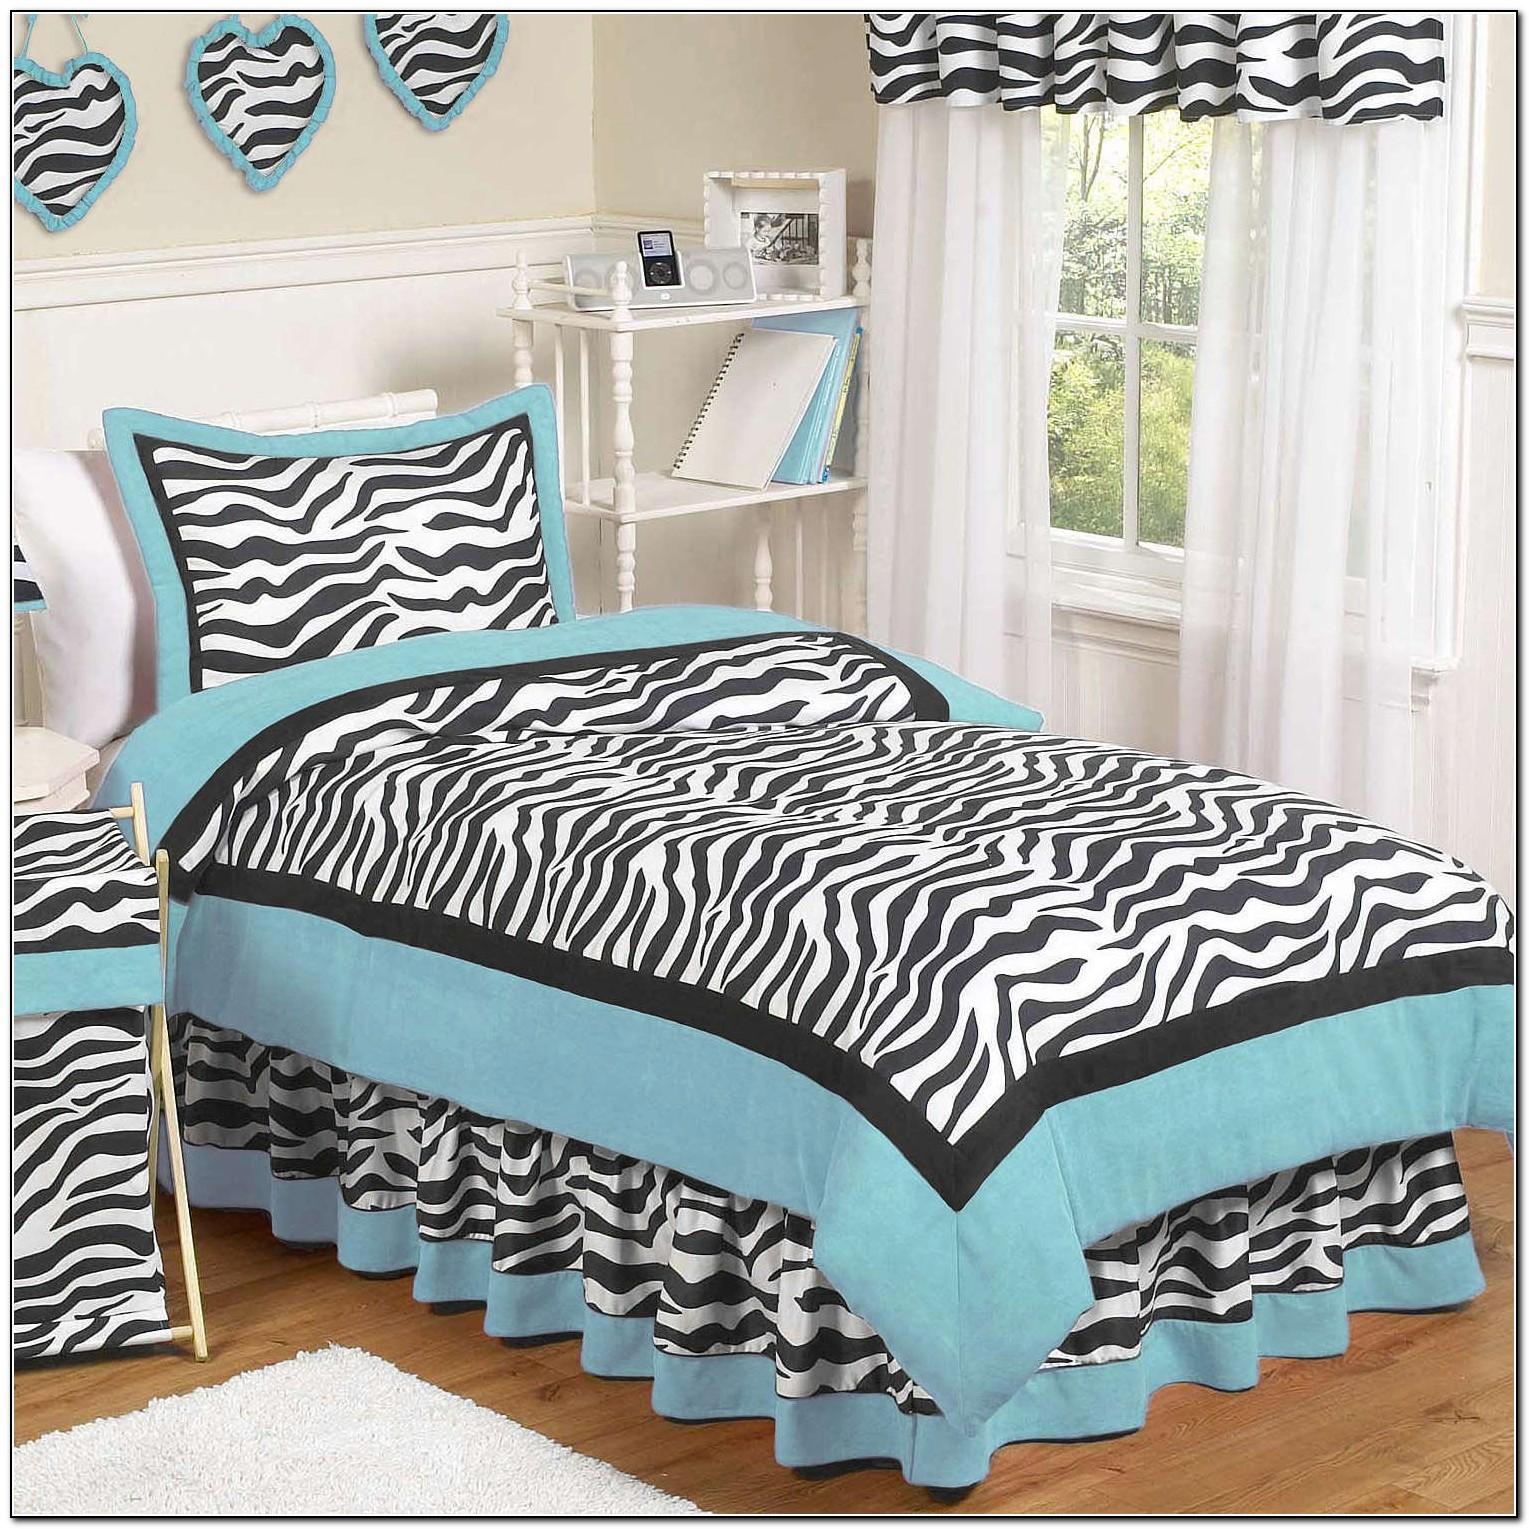 Zebra Bedding Set Queen